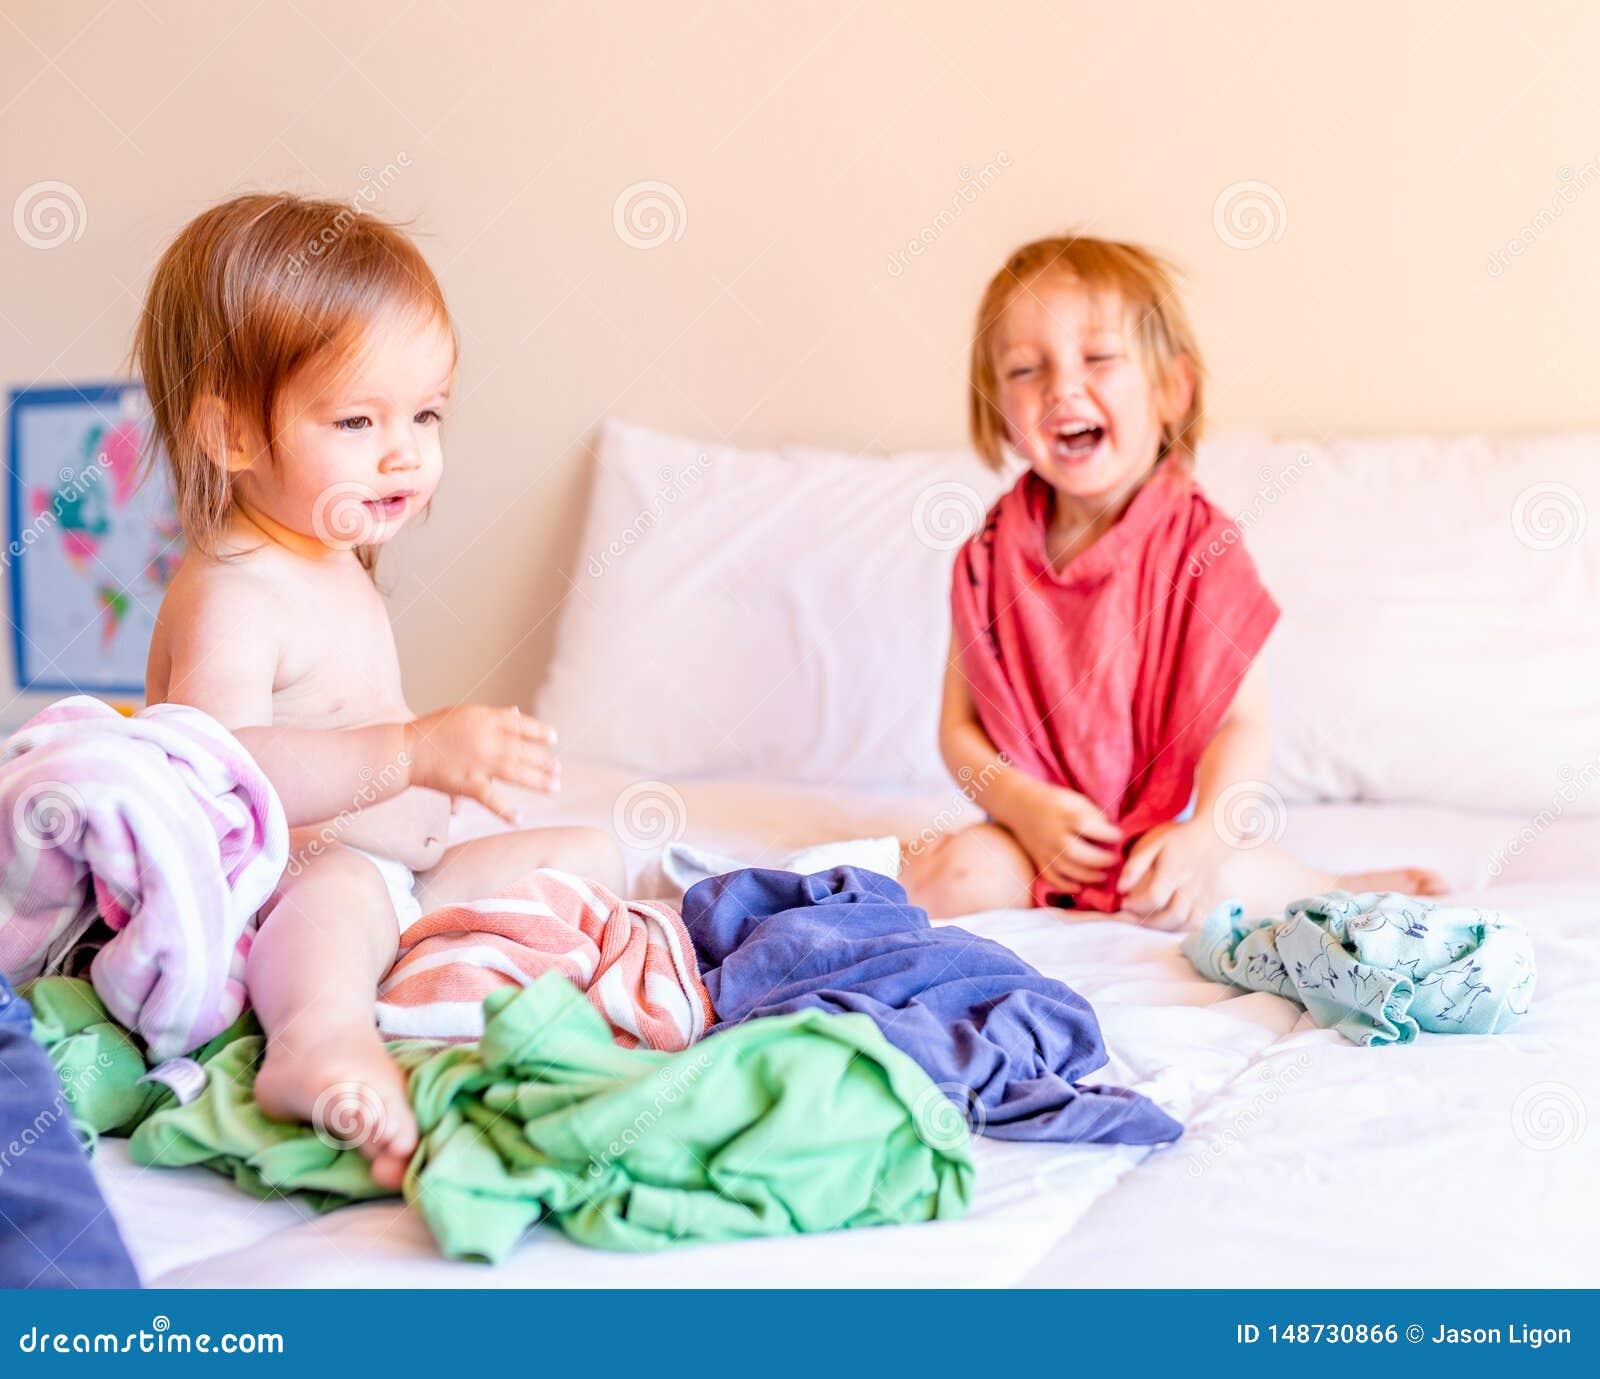 Brother da?oso y hermana Play en una pila de lavadero en la cama Concepto de familia